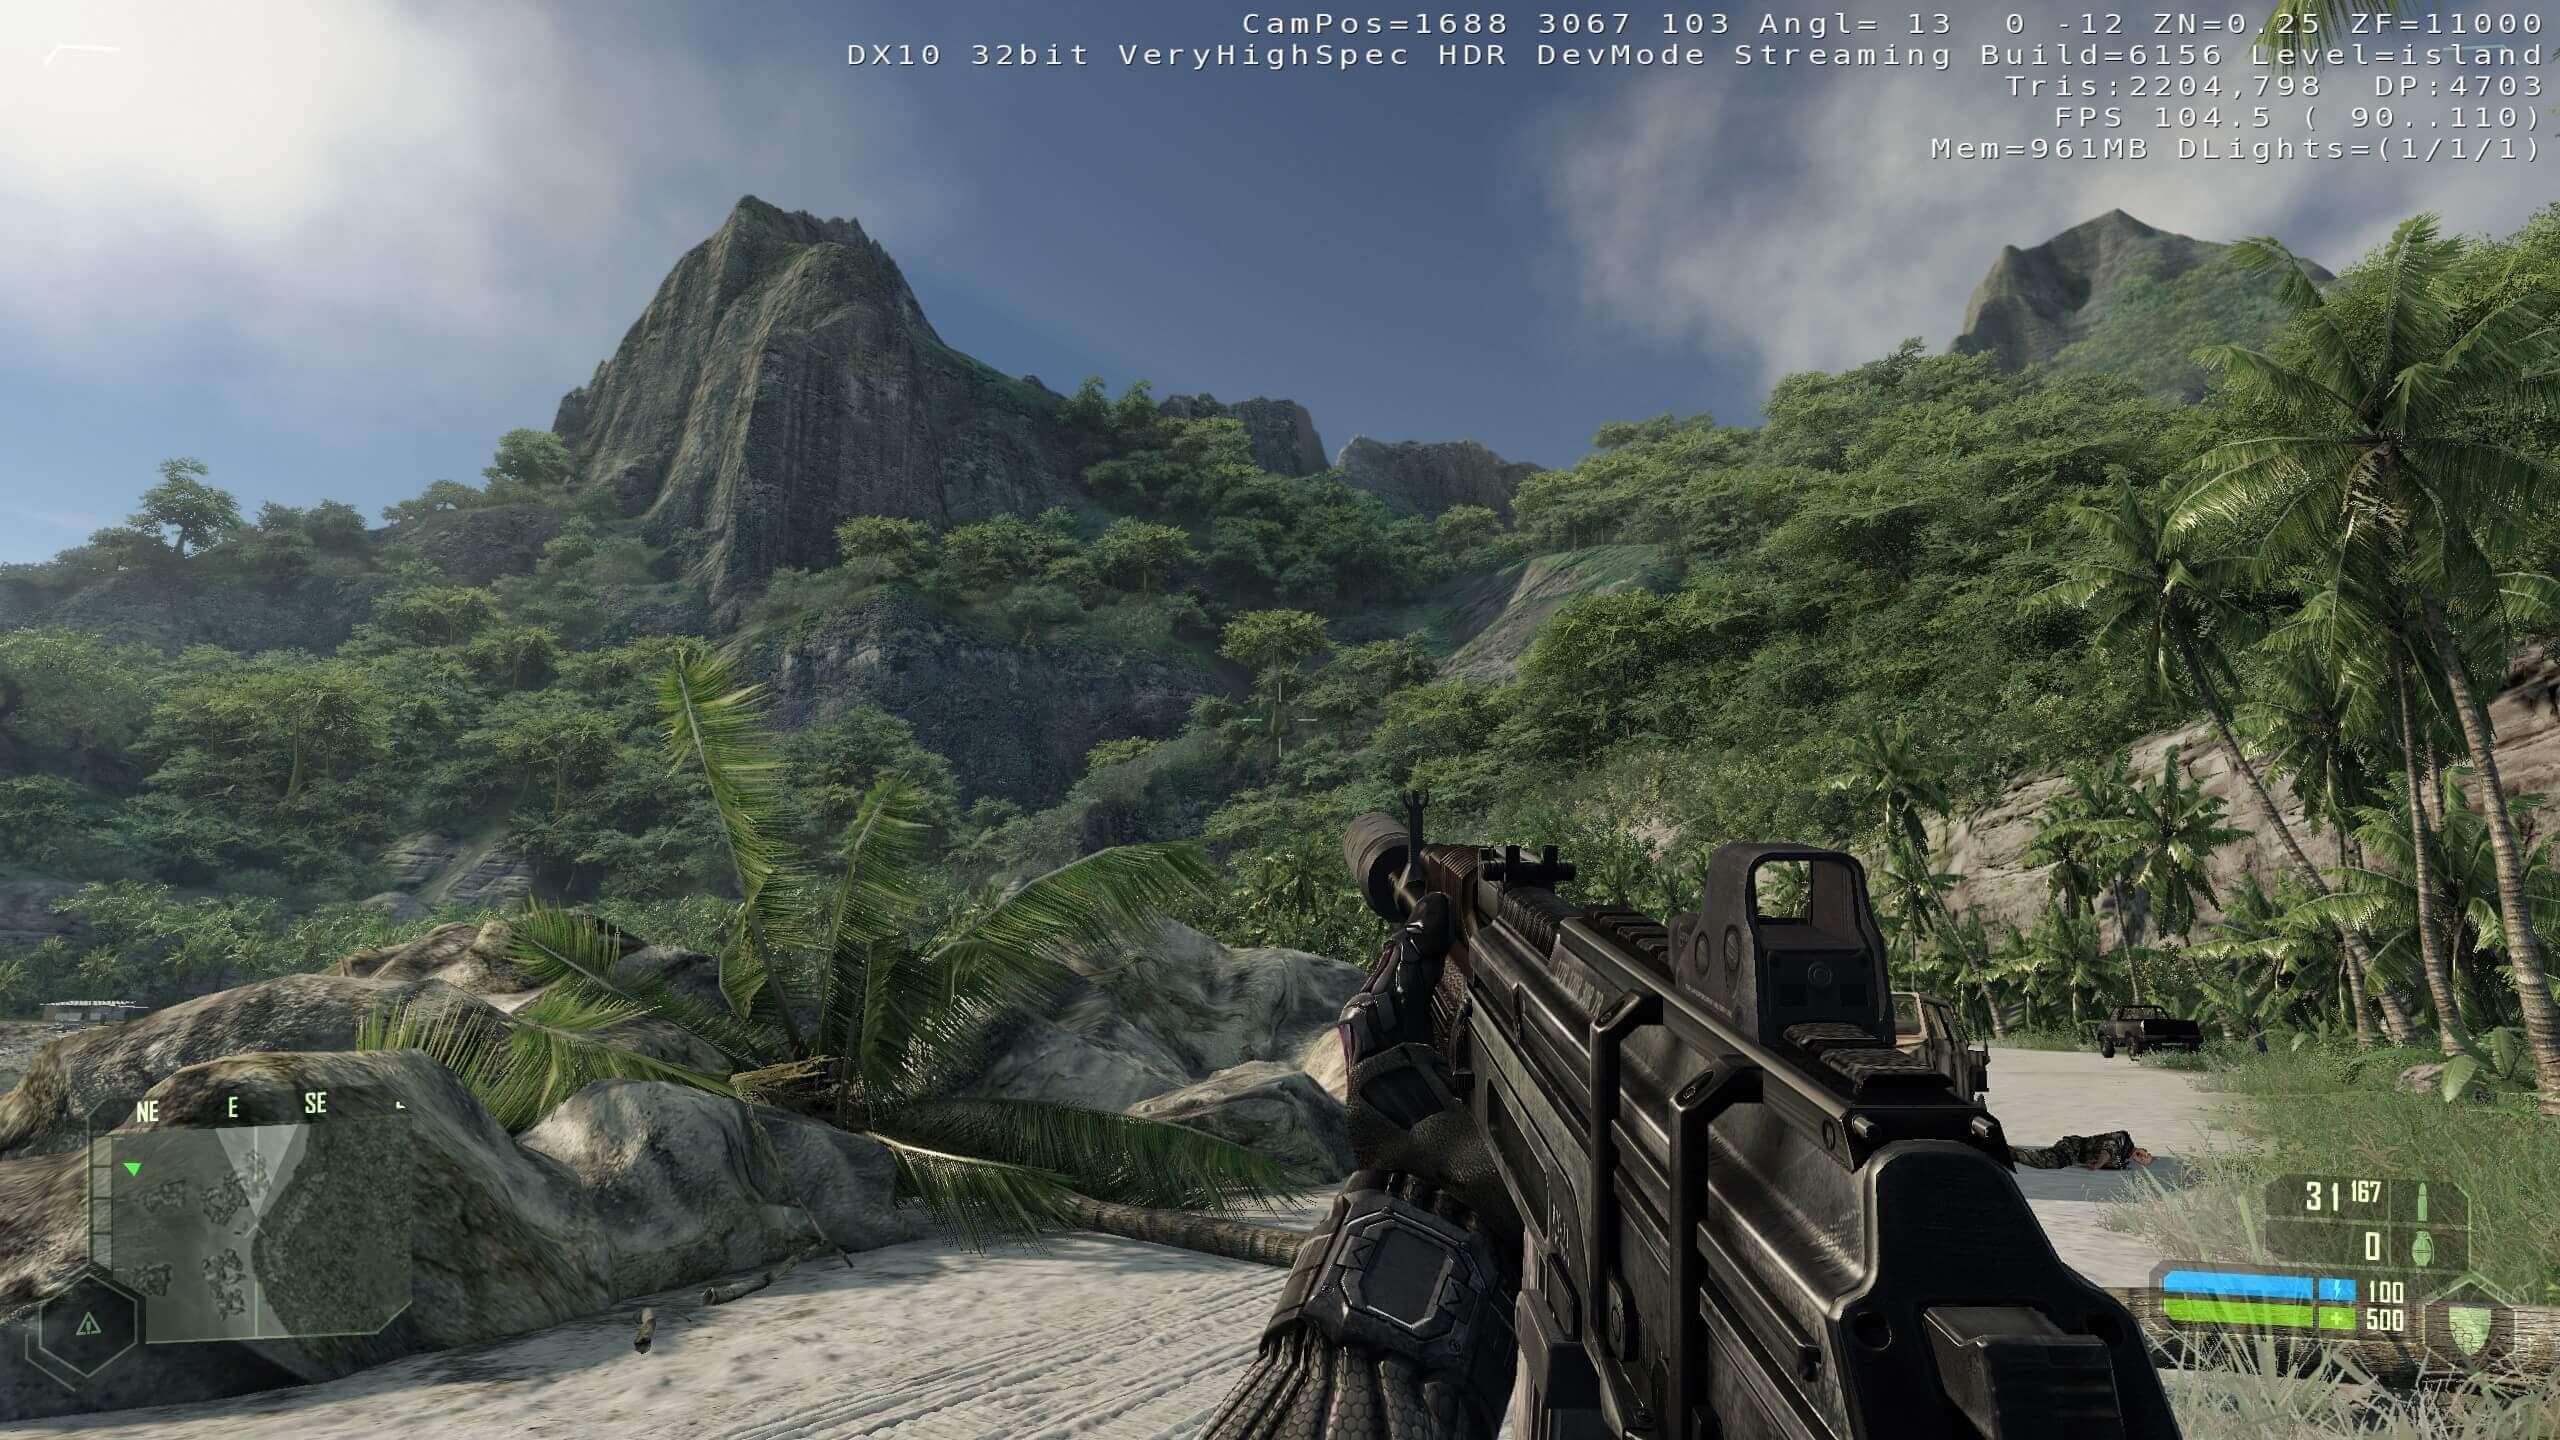 «А Crysis потянет?» Почему до сих пор обсуждают игру, выпущенную 13 лет назад - 19